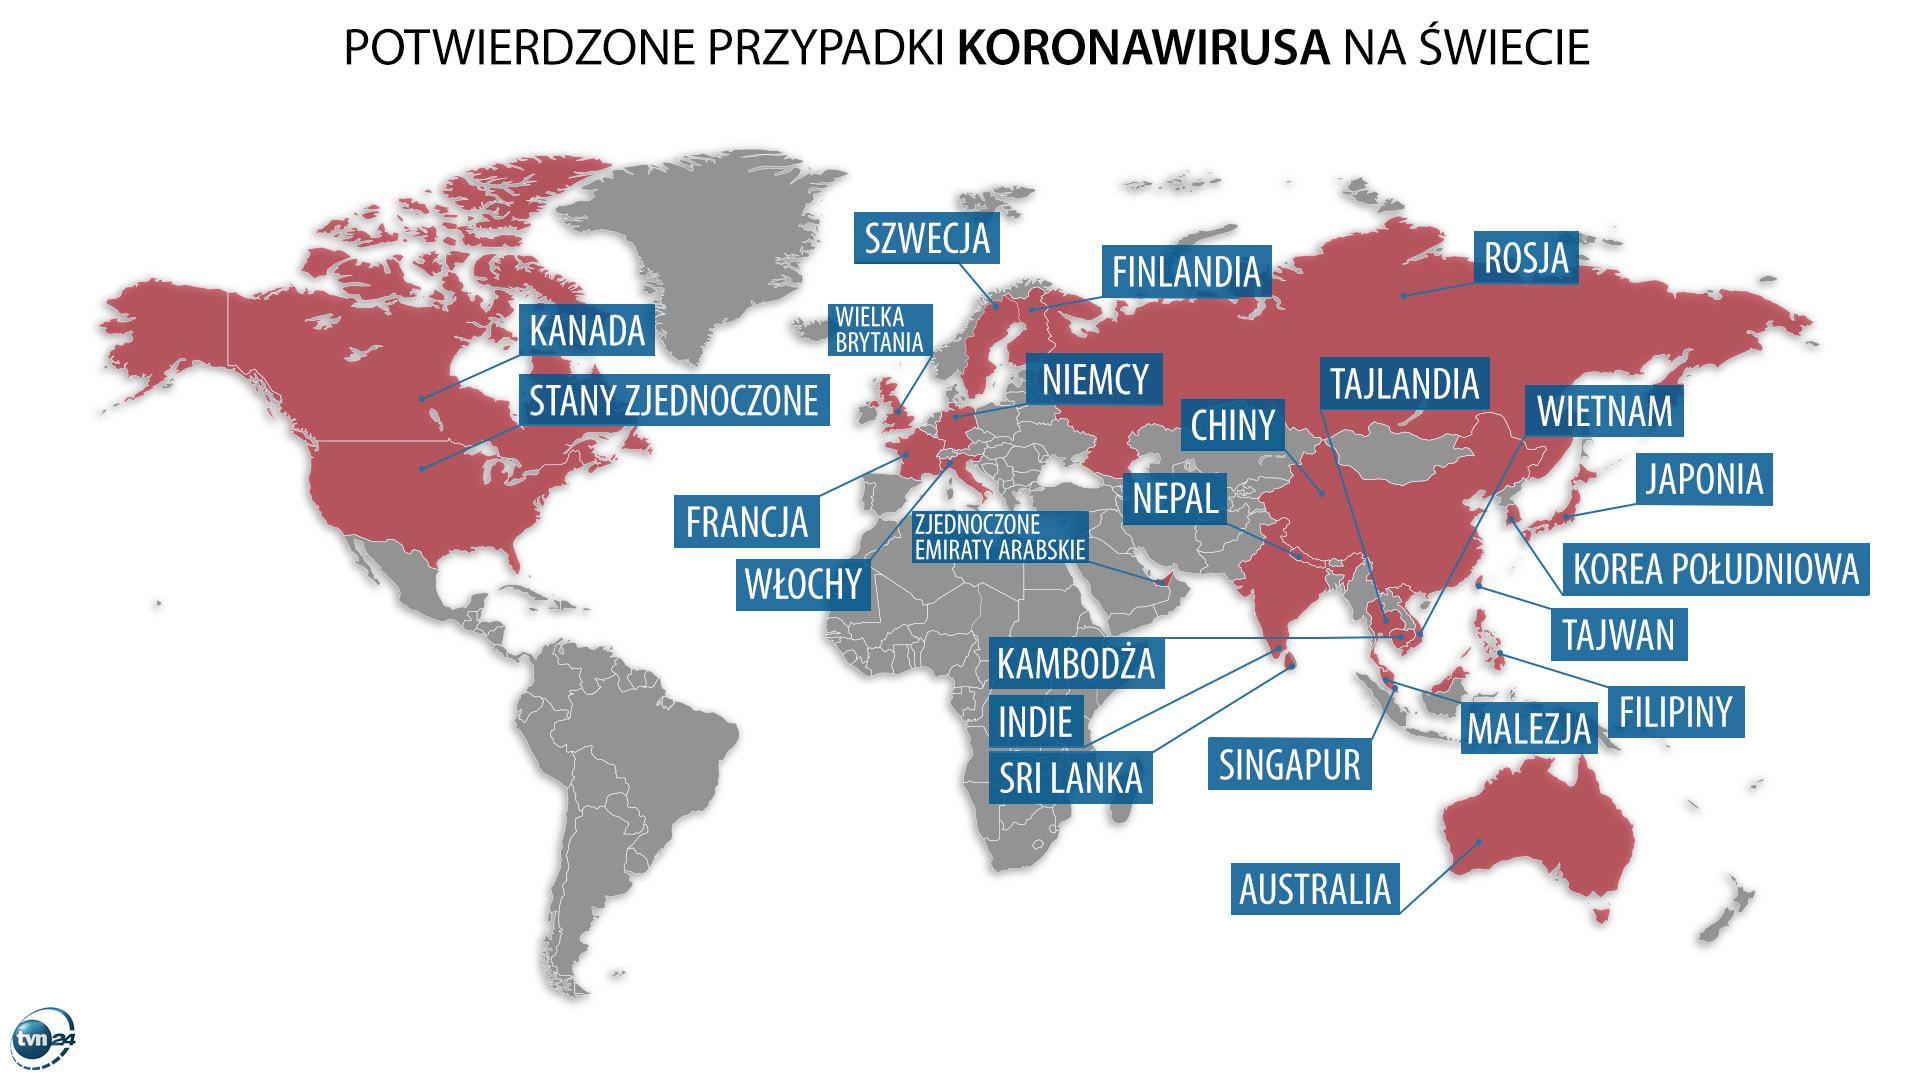 Potwierdzone przypadki koronawirusa na świecie